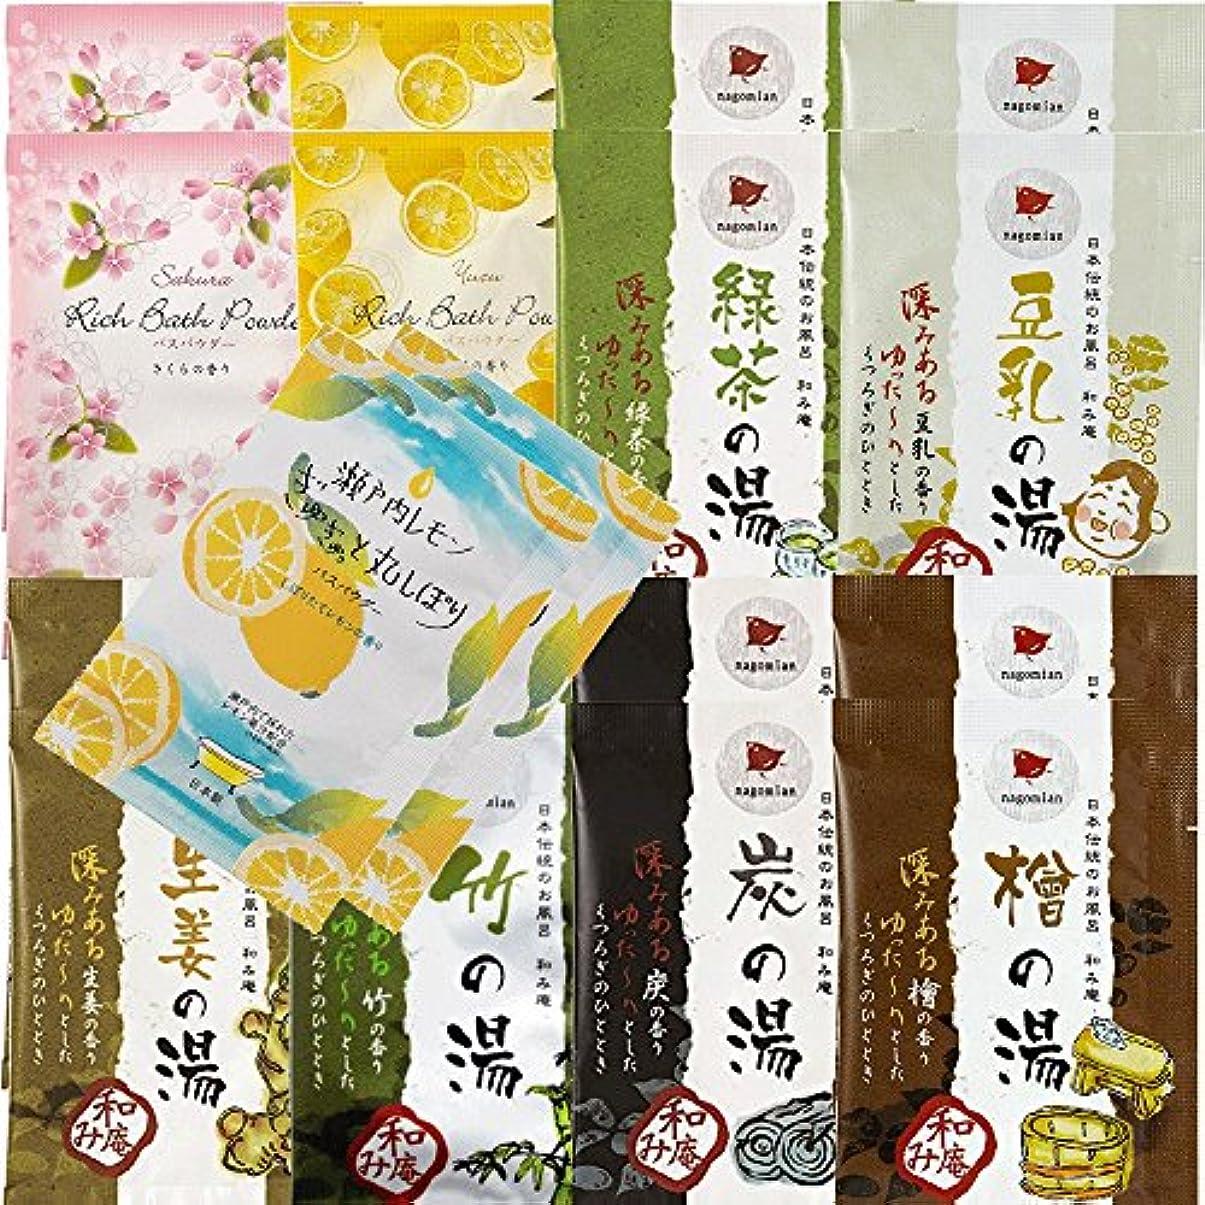 合併症シャーヘッジ日本伝統のお風呂 和み庵 6種類×2 + バスパウダー 3種類×2セット 和風入浴剤 18包セット